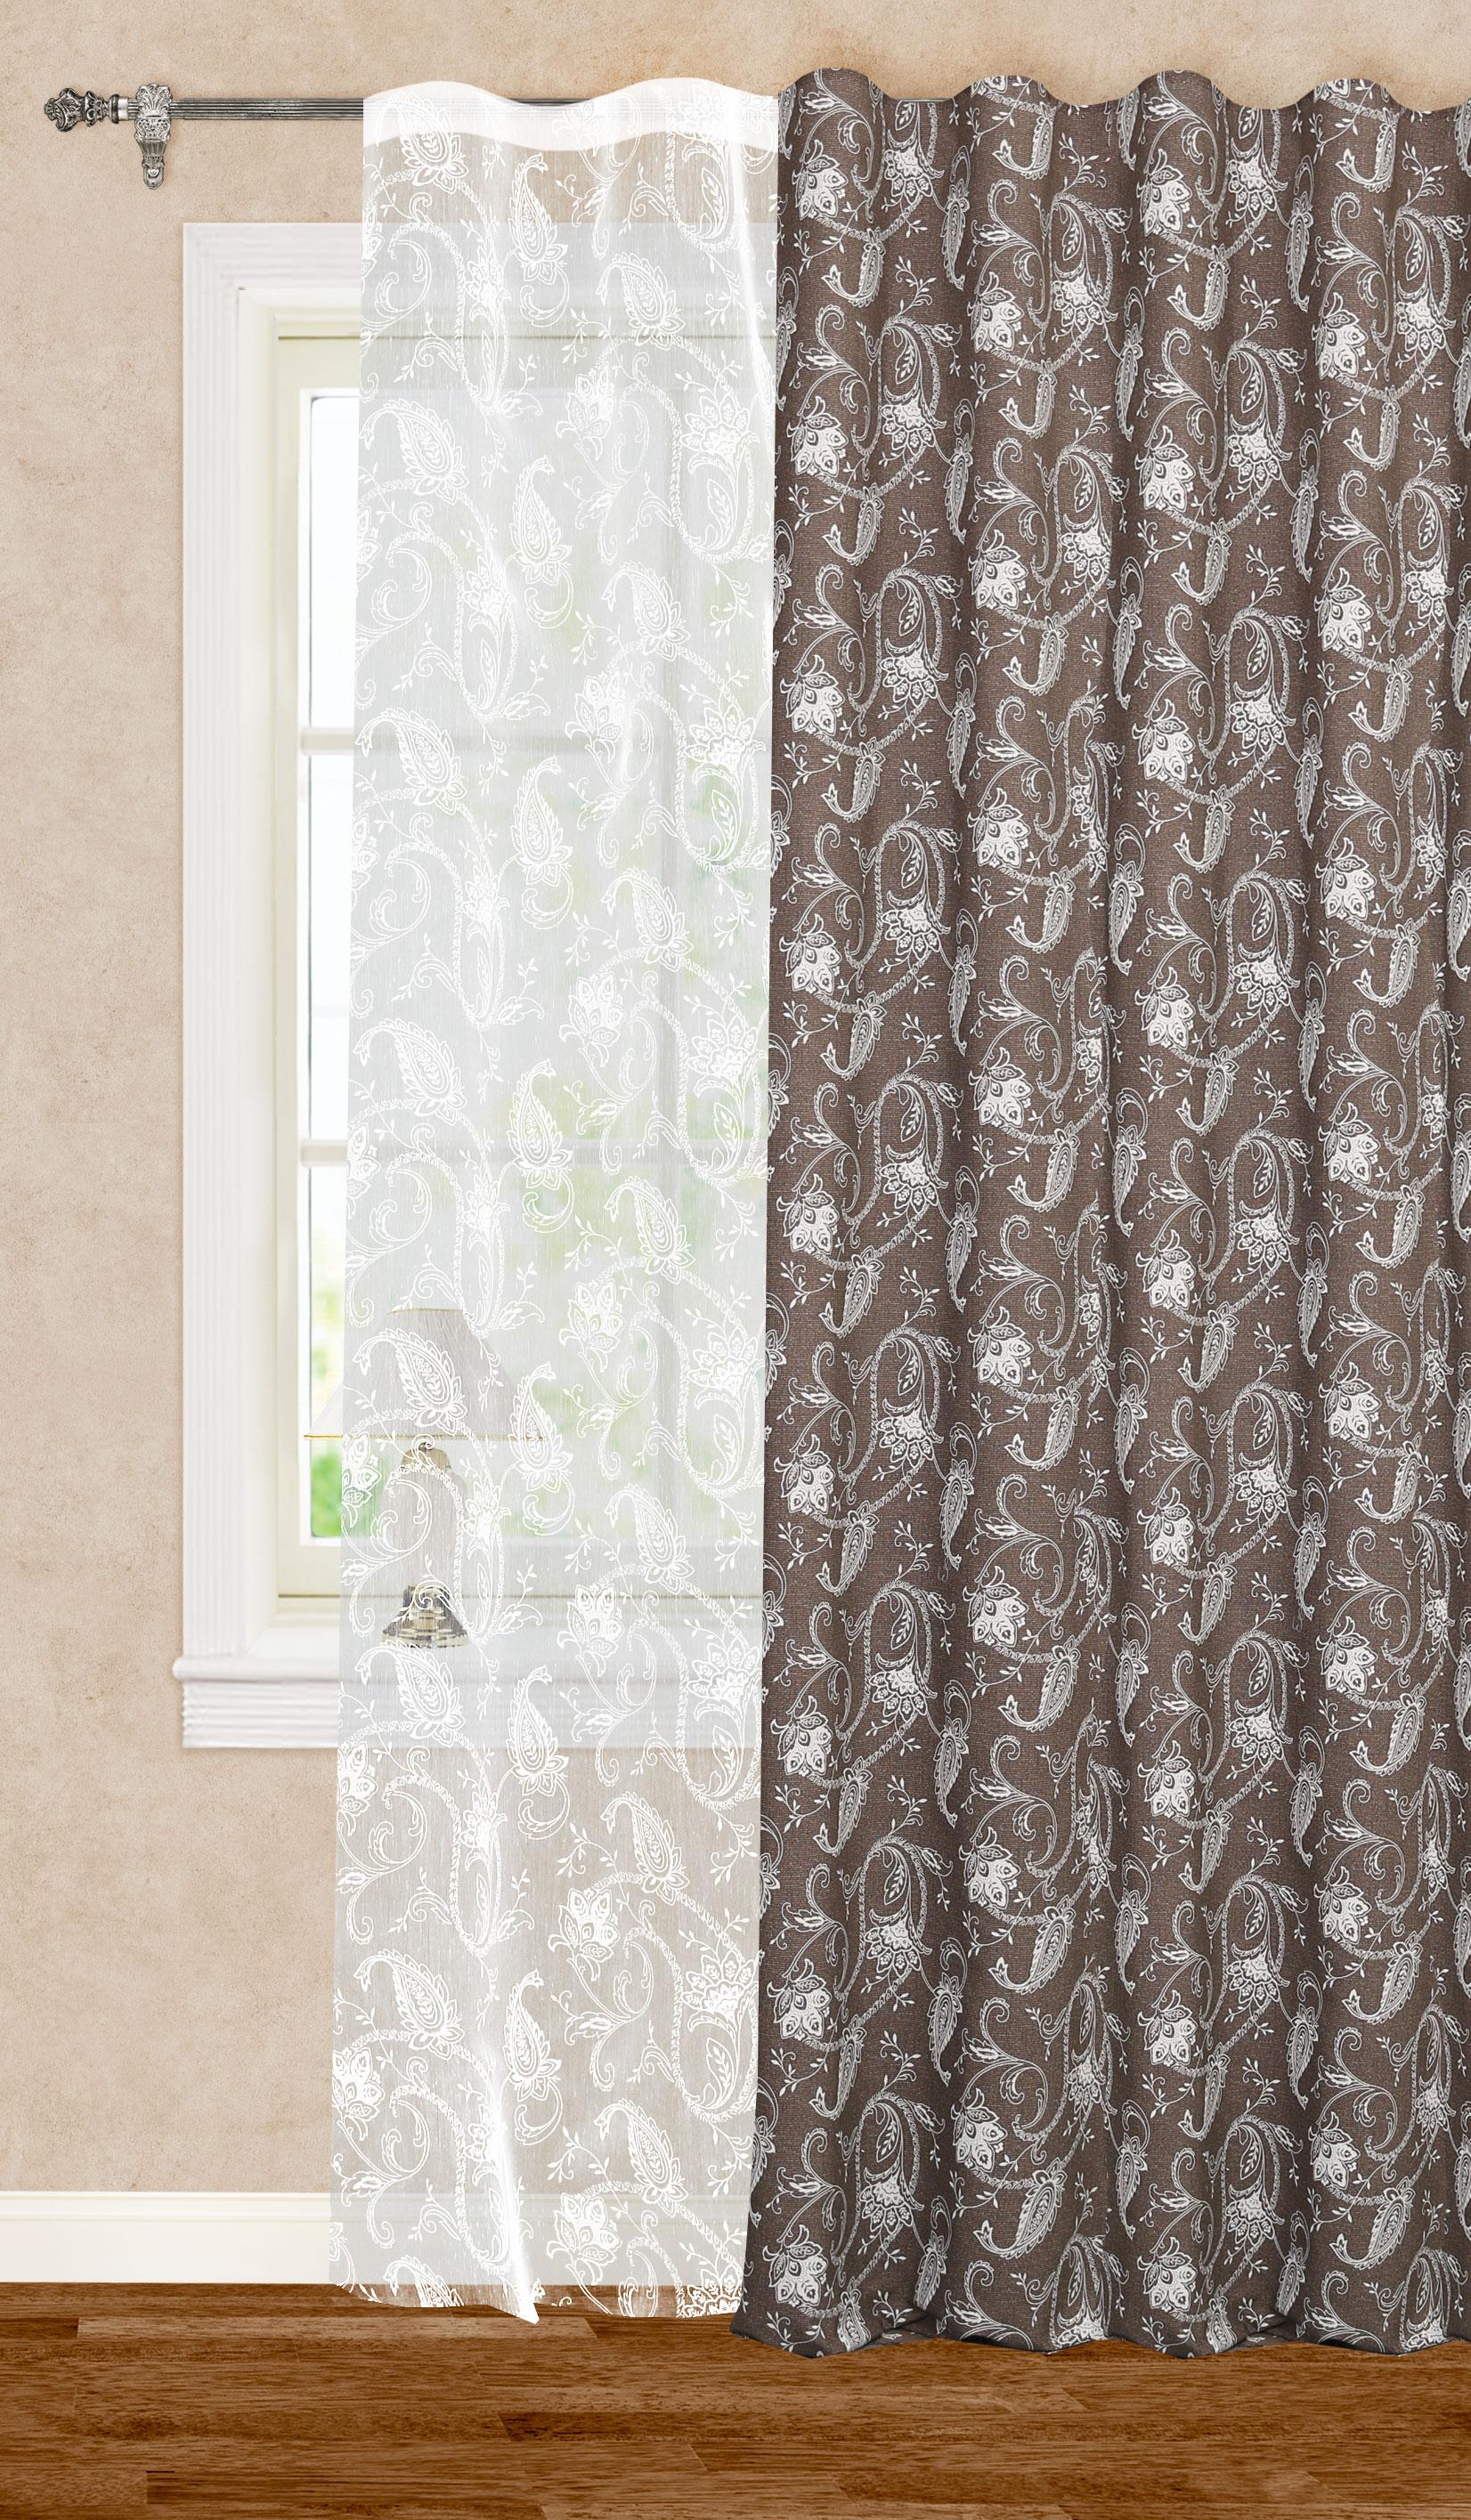 Штора готовая для гостиной Garden, на ленте, цвет: белый, коричневый, размер 200*260 см. С11001-W2001V11